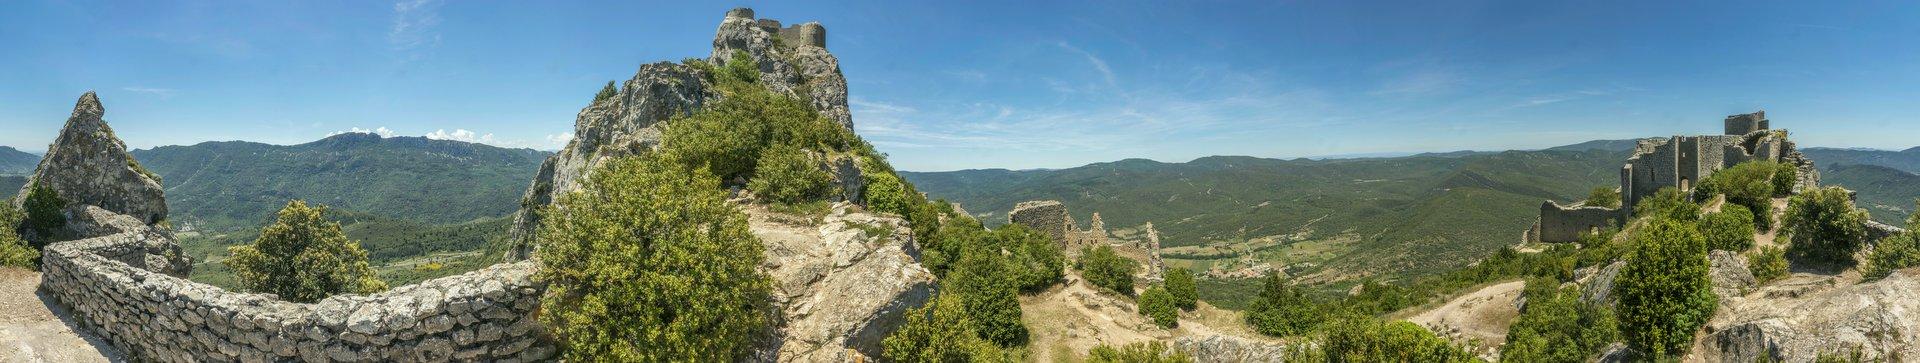 360° Panorama der mittleren Ringmauer vom Château de Peyrepertuse